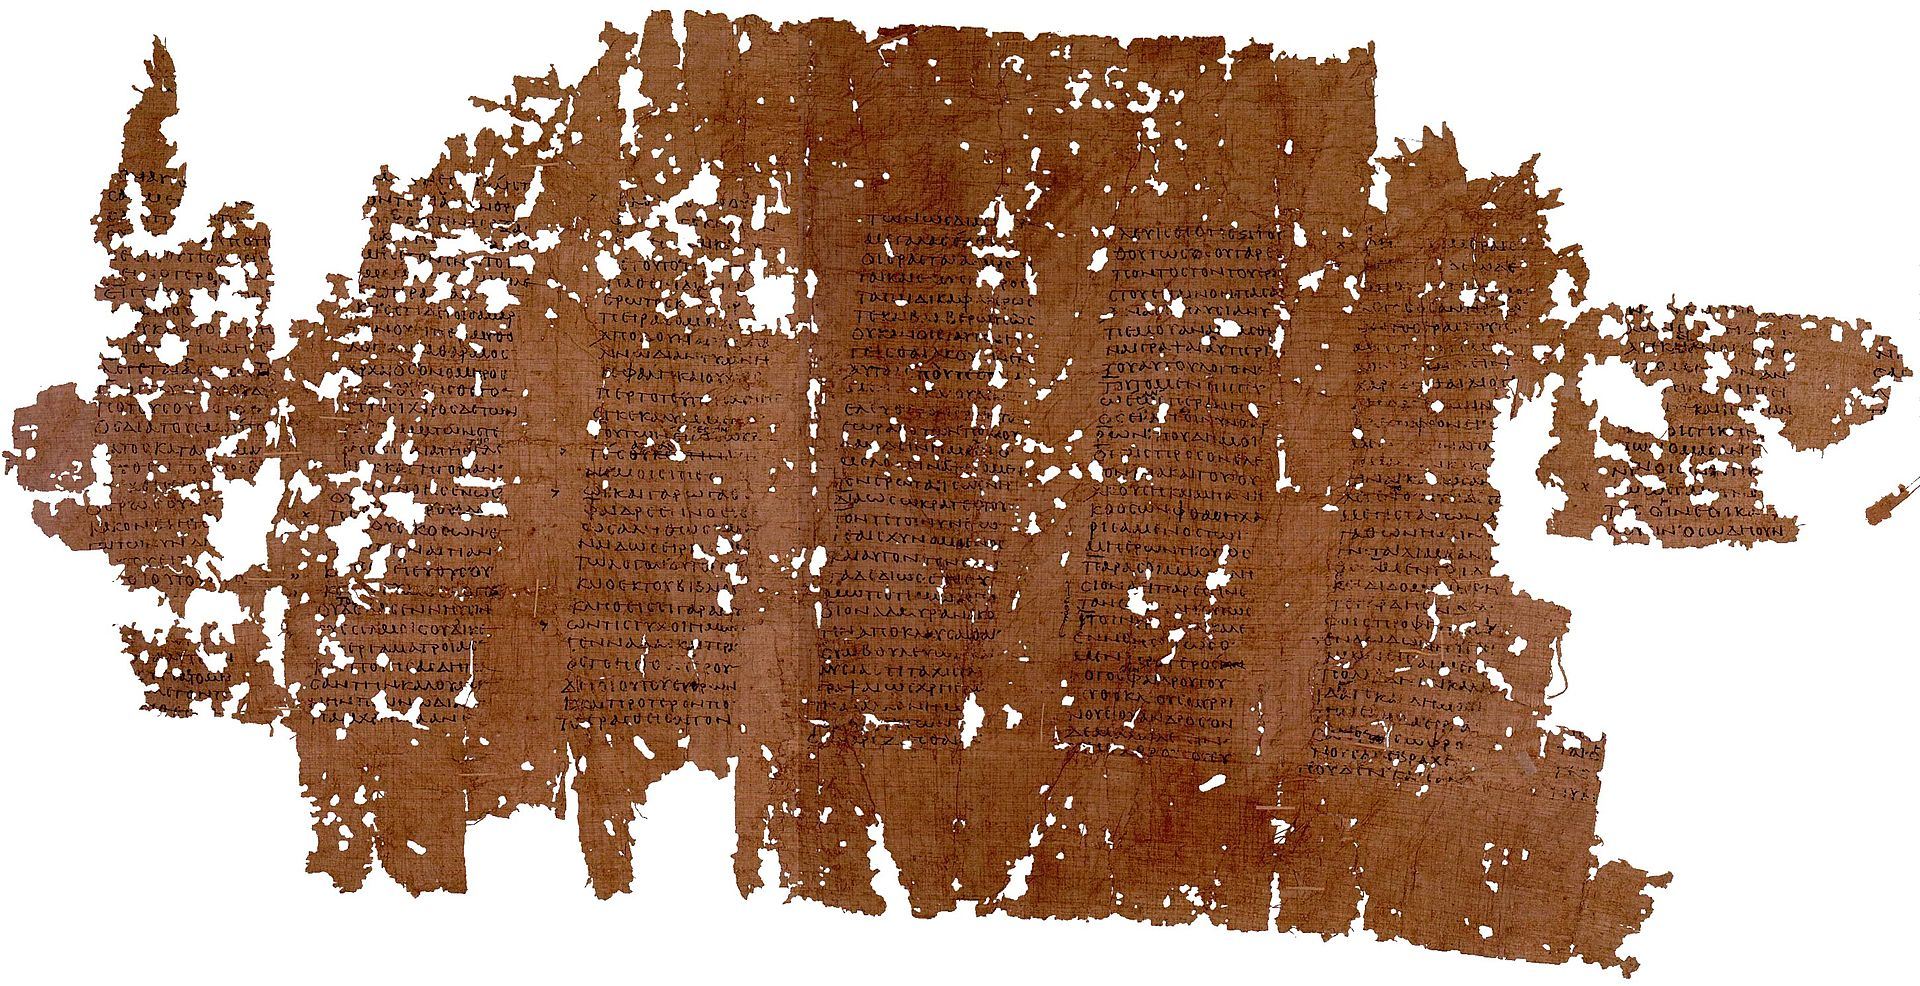 Fragmento del Fedro en un papiro del siglo II. Encontrado en un basural cerca de Oxirrinco (actualmentel el-Bahnasa), Egipto.